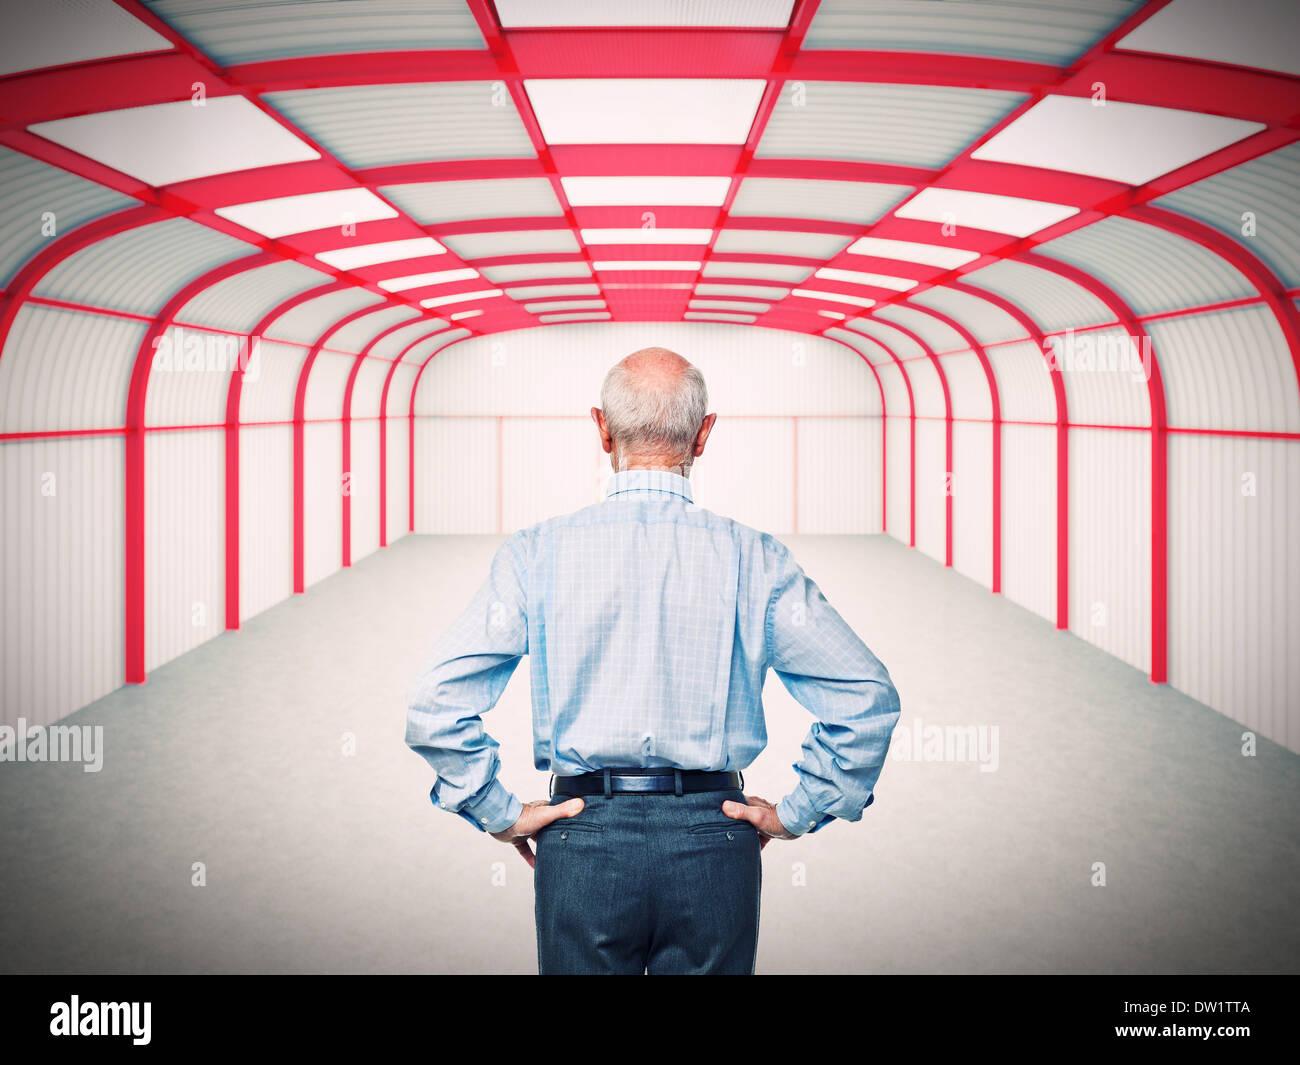 empty space - Stock Image